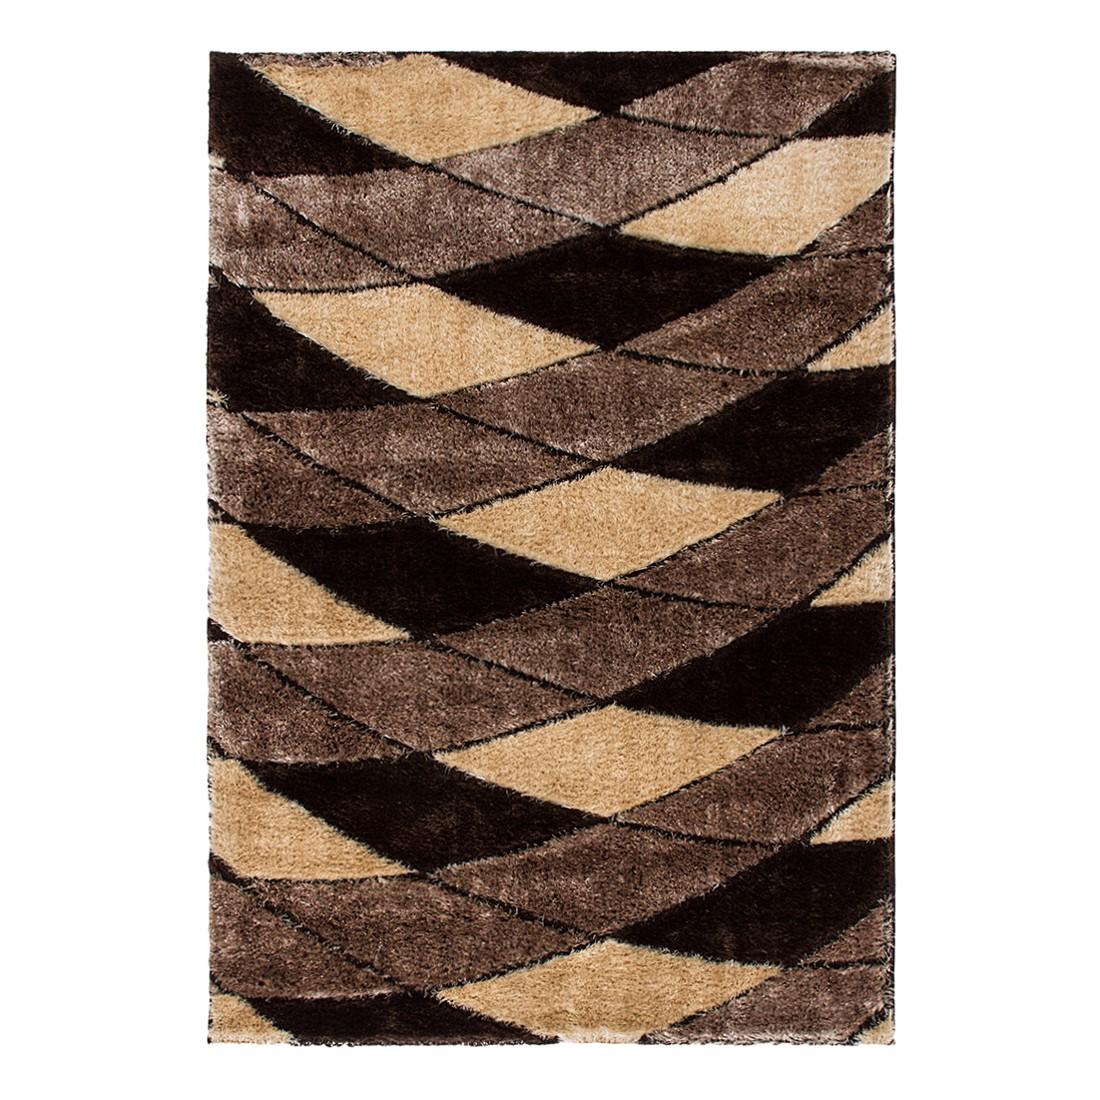 Teppich China – Shenyang – Beige – 120 x 170 cm, Kayoom online kaufen